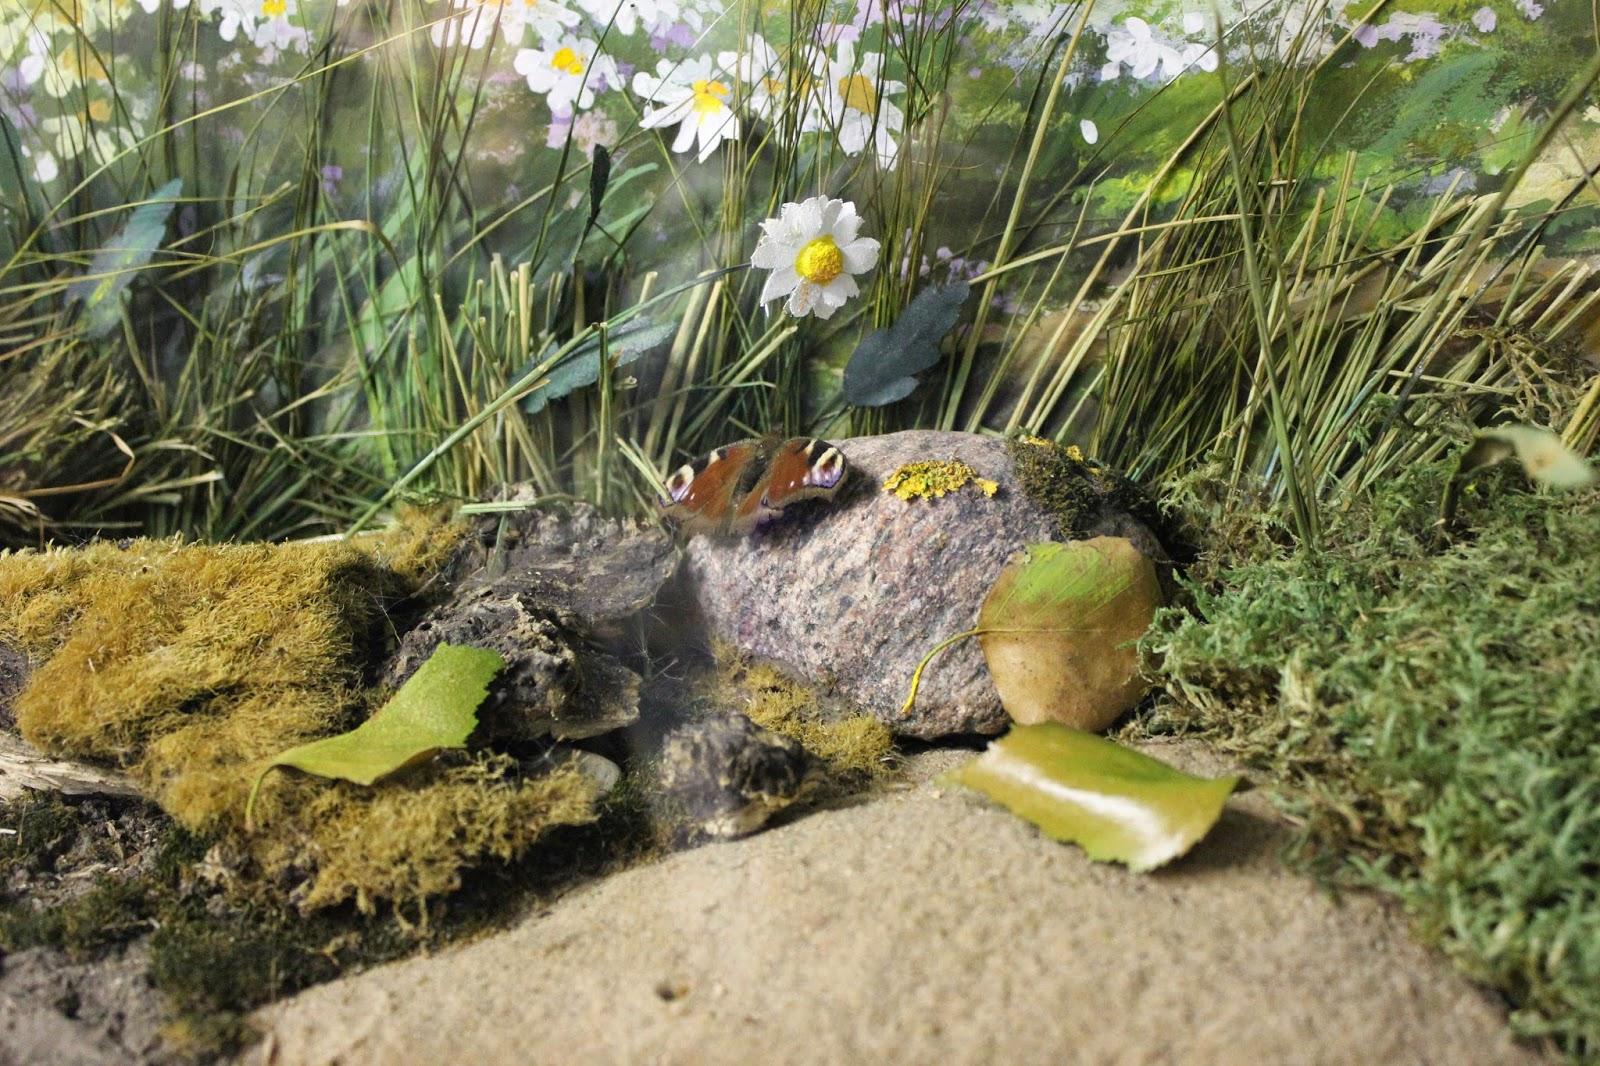 экскурсия в музей экологии  и природы